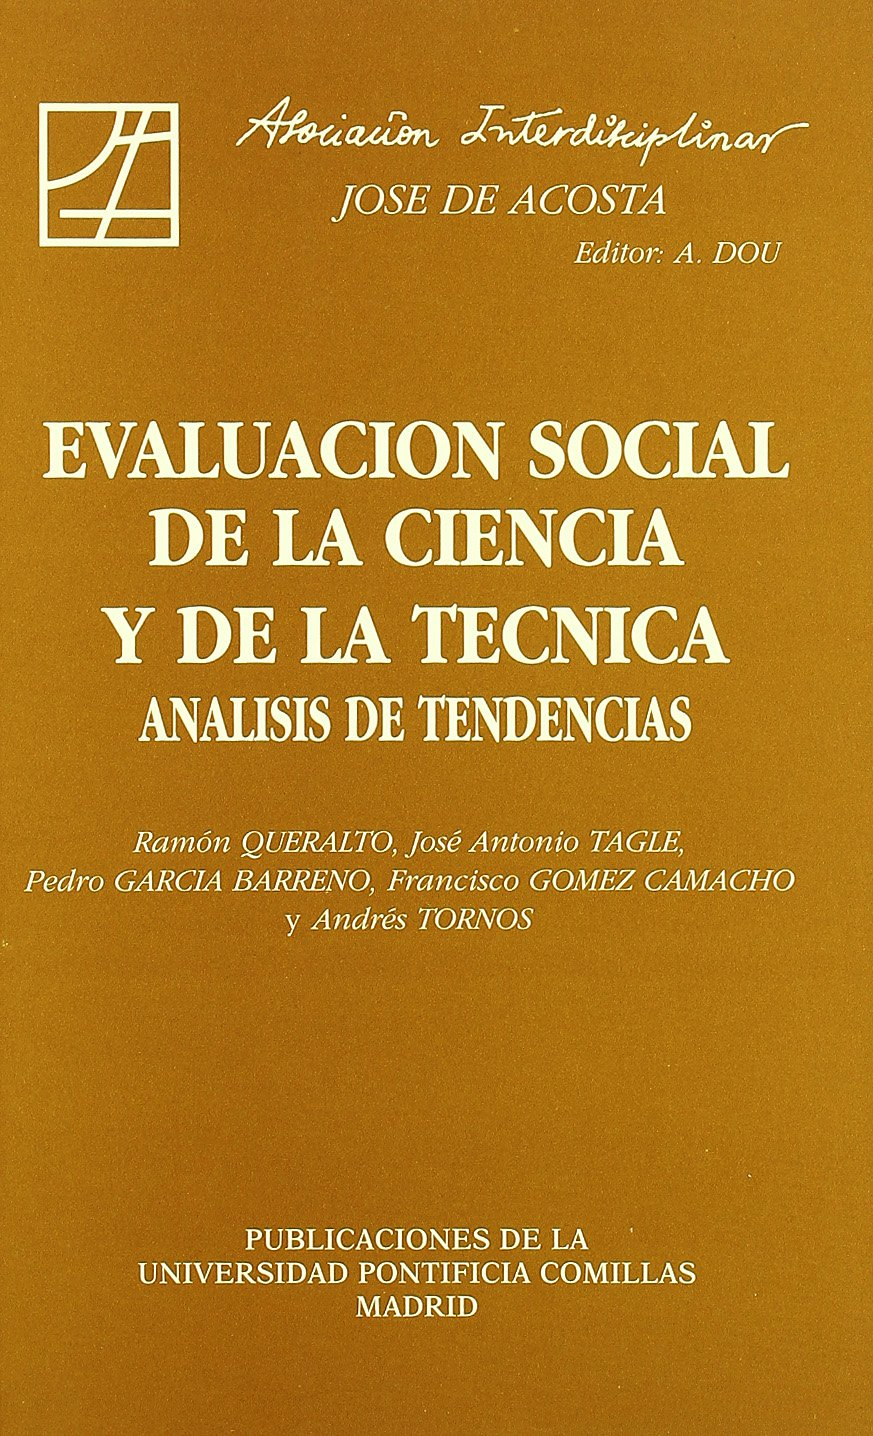 Download Evaluacion Social de La Ciencia y de La Tecnica: Analisis de Tendencias (Estudios Interdisciplinares) (Spanish Edition) ebook